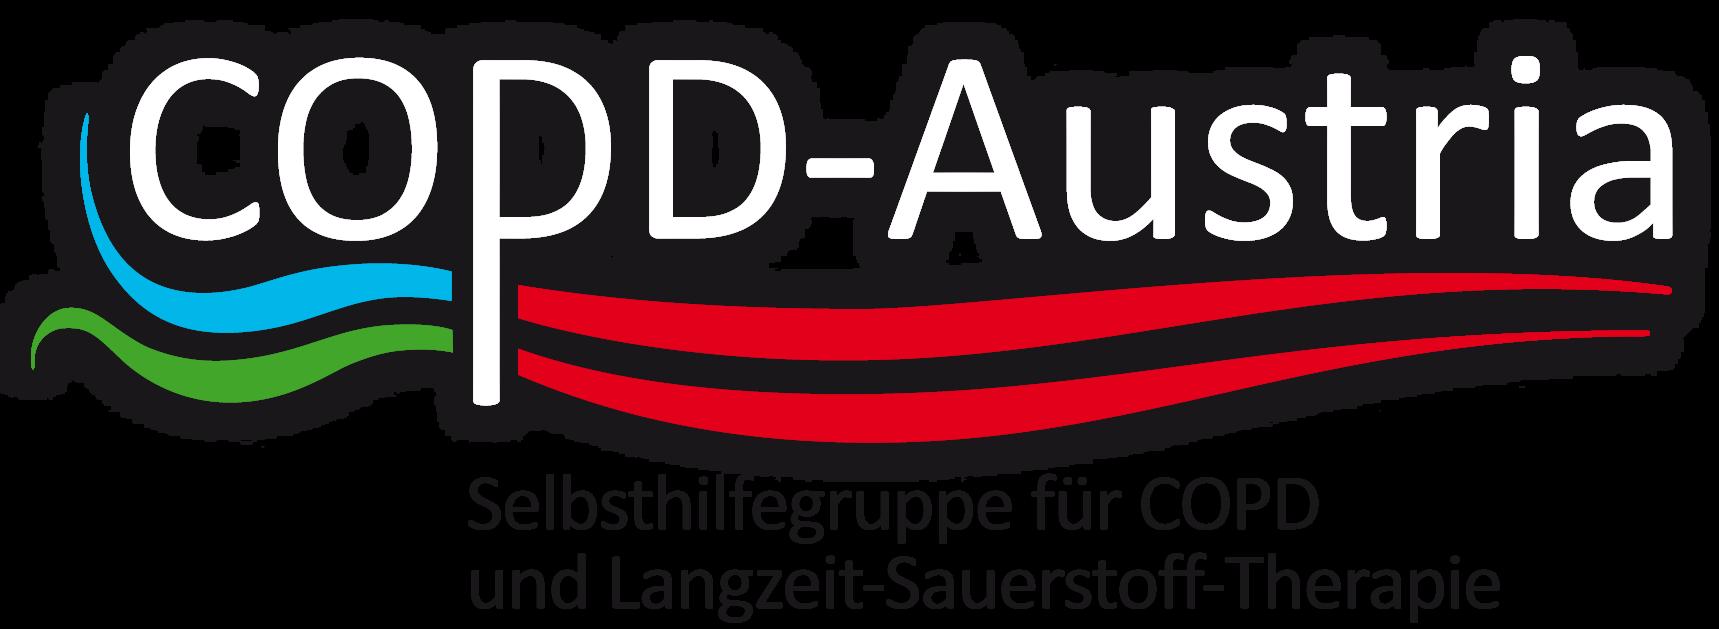 COPD-Austria